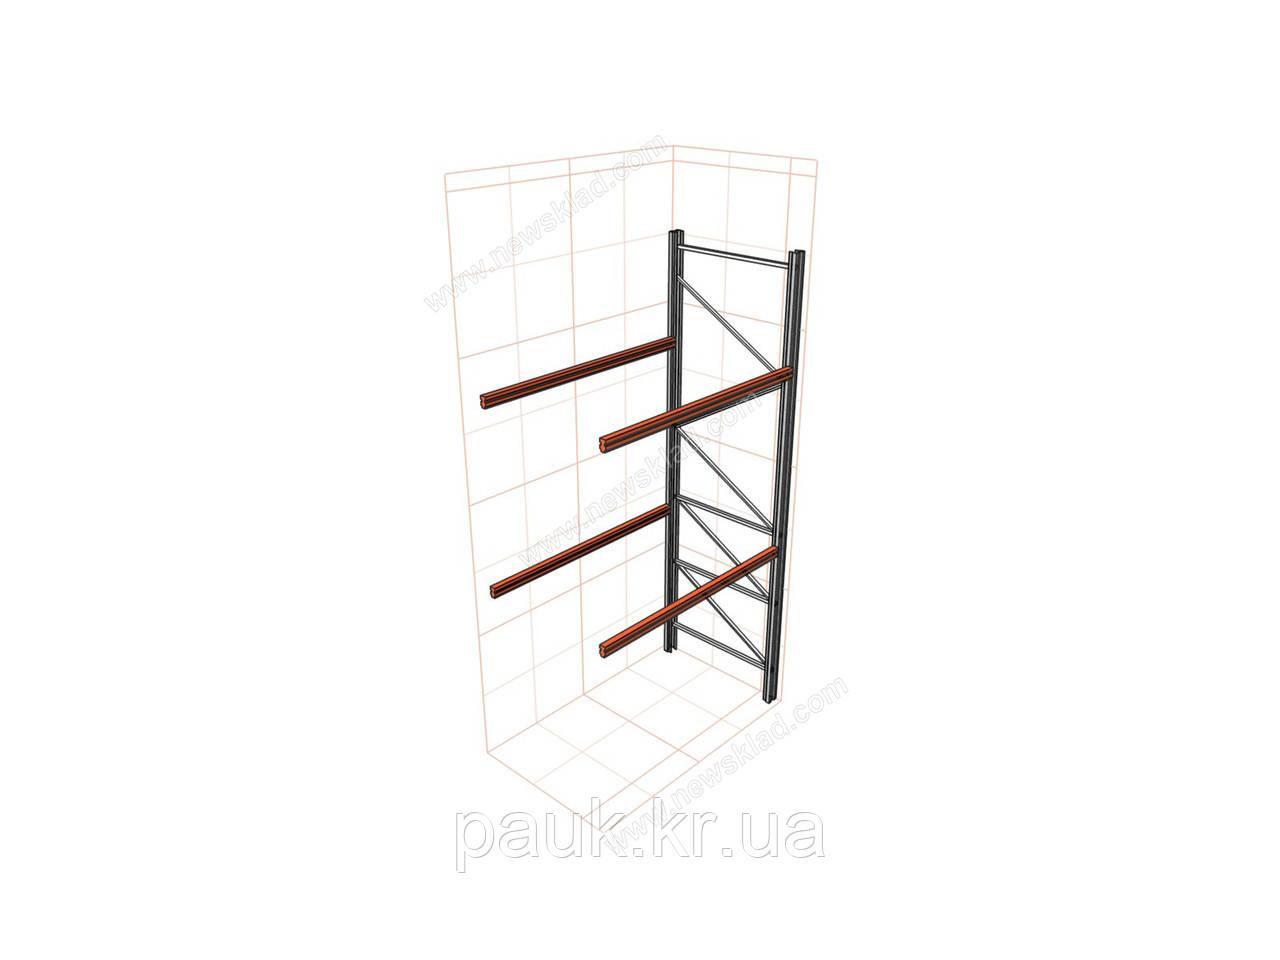 Складской стеллаж приставной H4500хL1800х1100 мм(пол.+2 уровня по 2400 кг на уровень), стеллаж для паллет